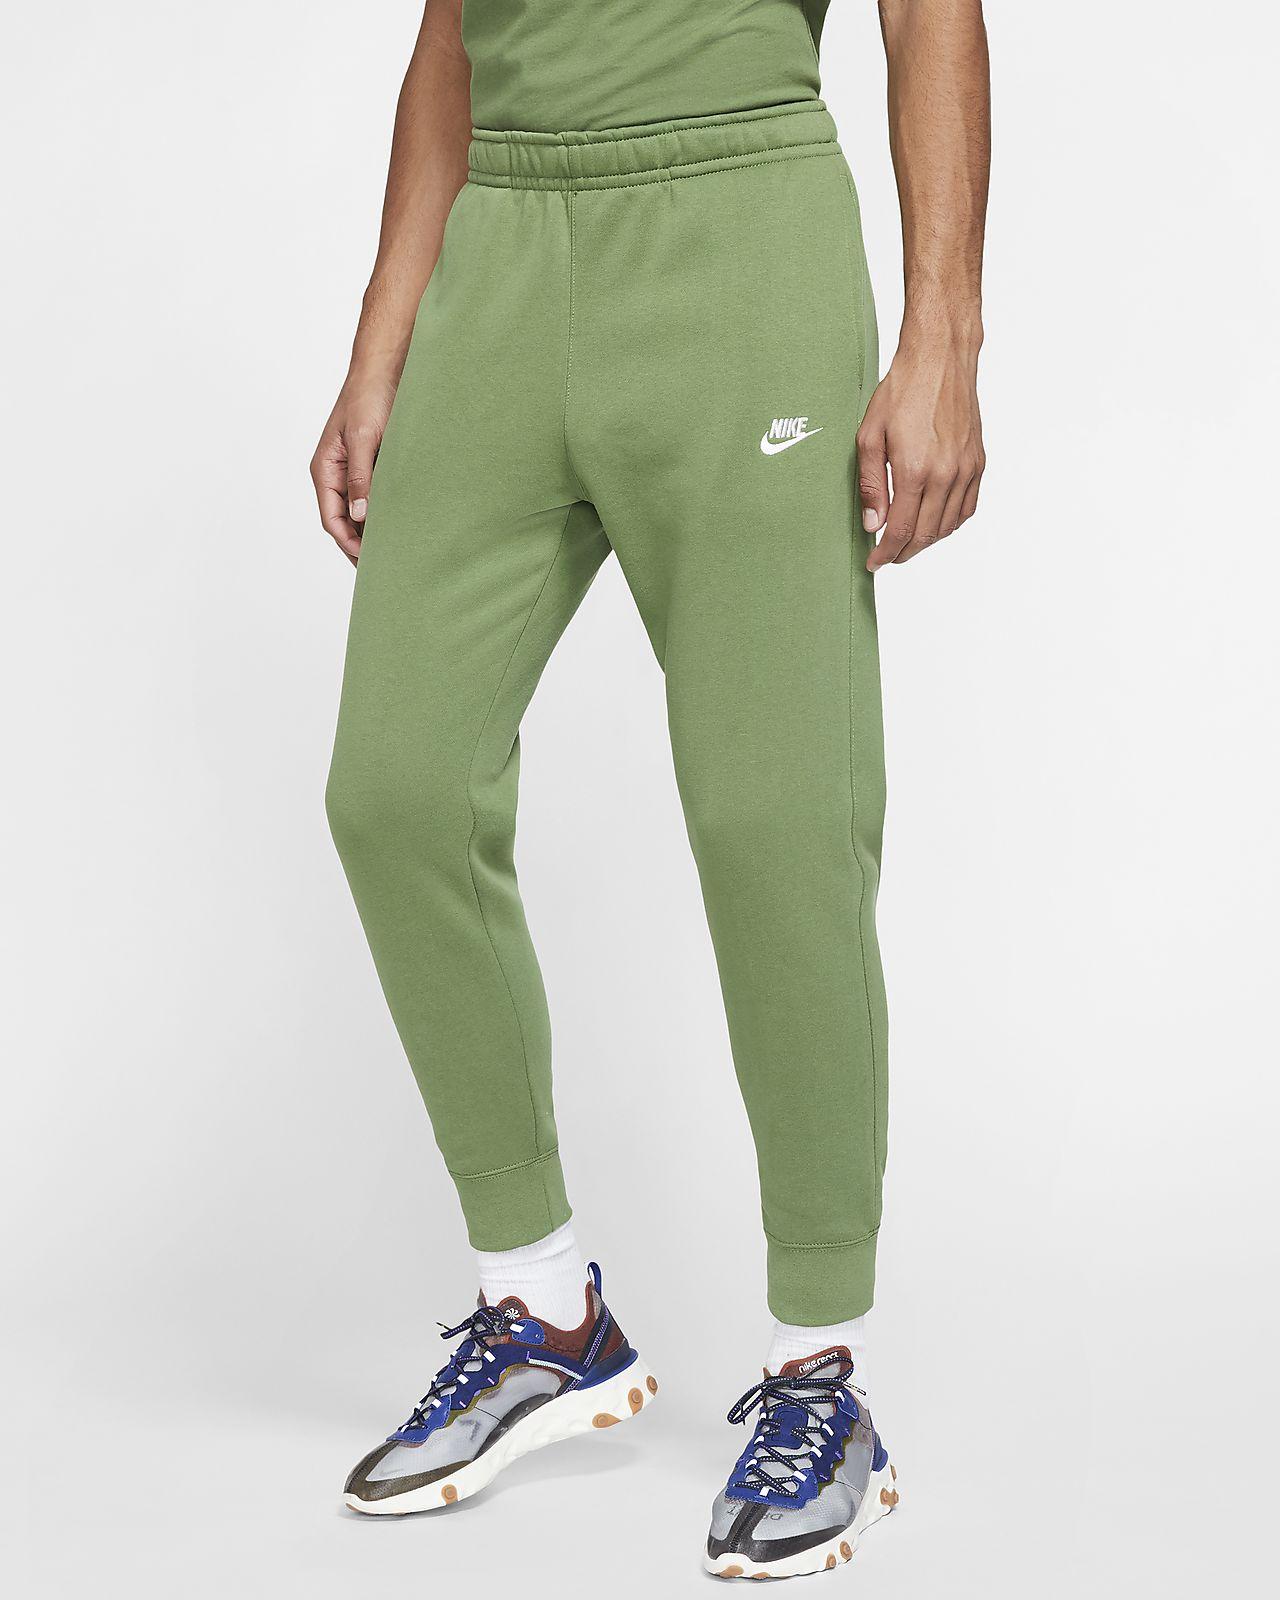 Ανδρικό παντελόνι φόρμας Nike Sportswear Club Fleece